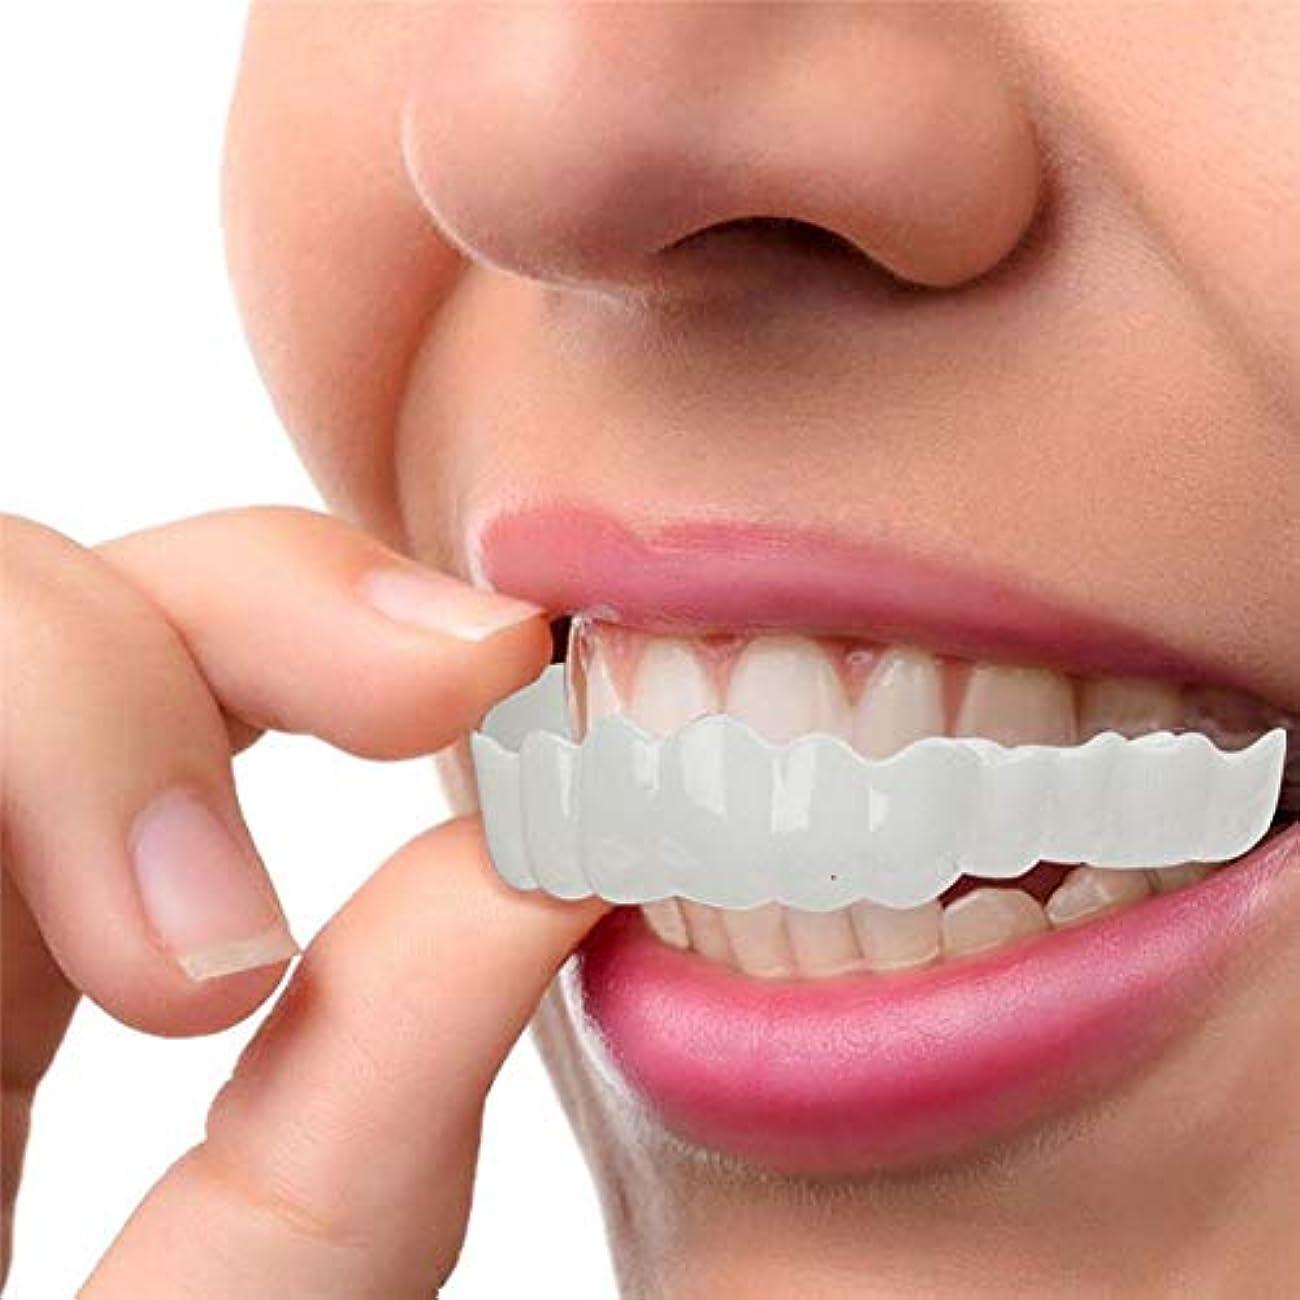 デザートレイ小屋化粧品の歯、白い歯をきれいにするコンフォートフィットフレックス歯ソケット、超快適、快適なフィット感、3セット